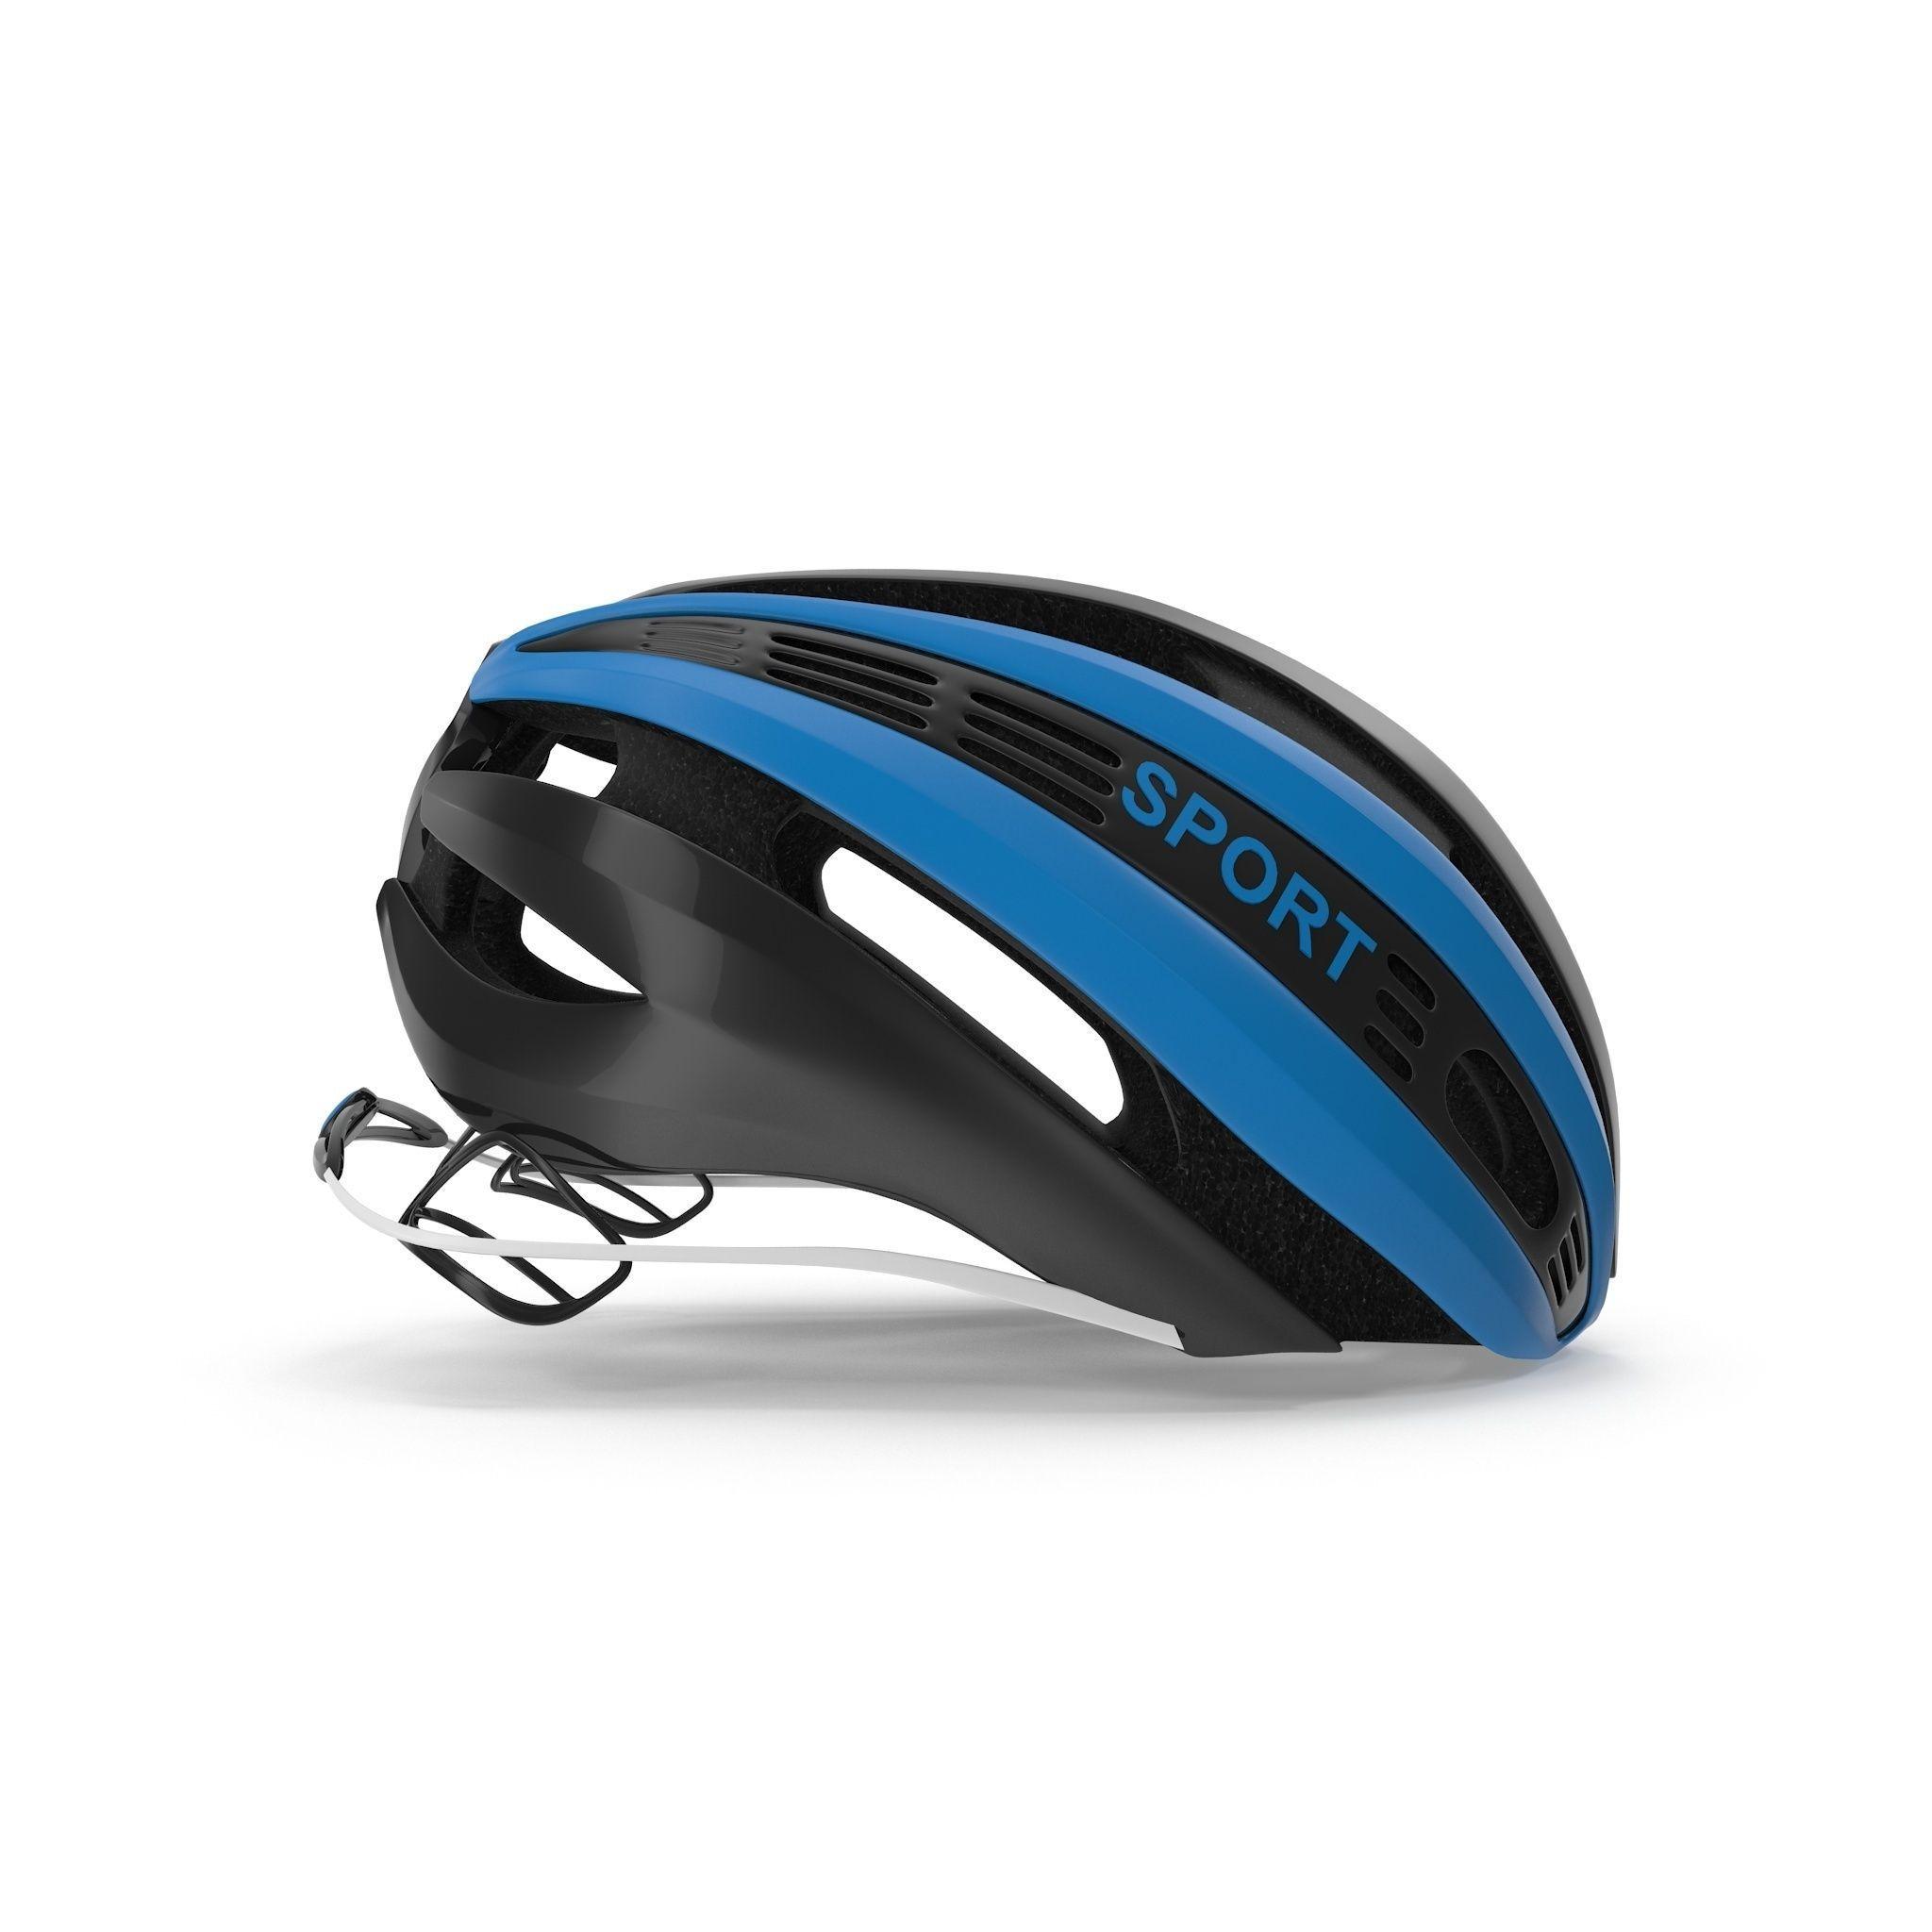 Blue Bicycle Helmet | 3D model